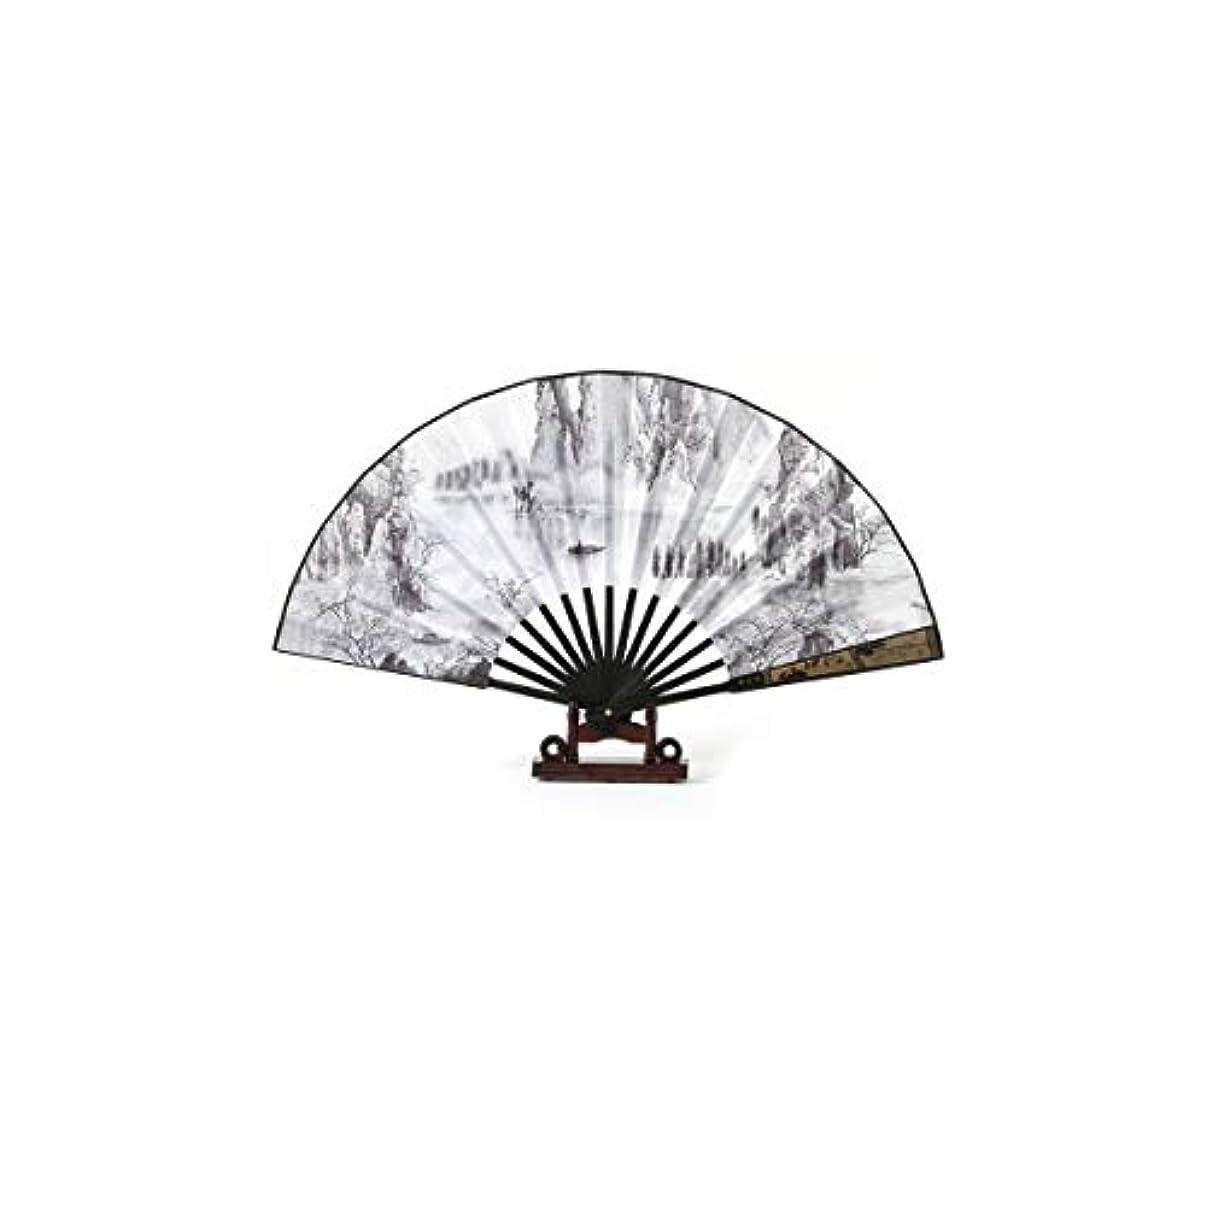 選択する自慢幅Jielongtongxun 新清アンティーク扇子、リビングルーム、寝室の装飾、誕生日プレゼント、貴族。,絶妙な飾り